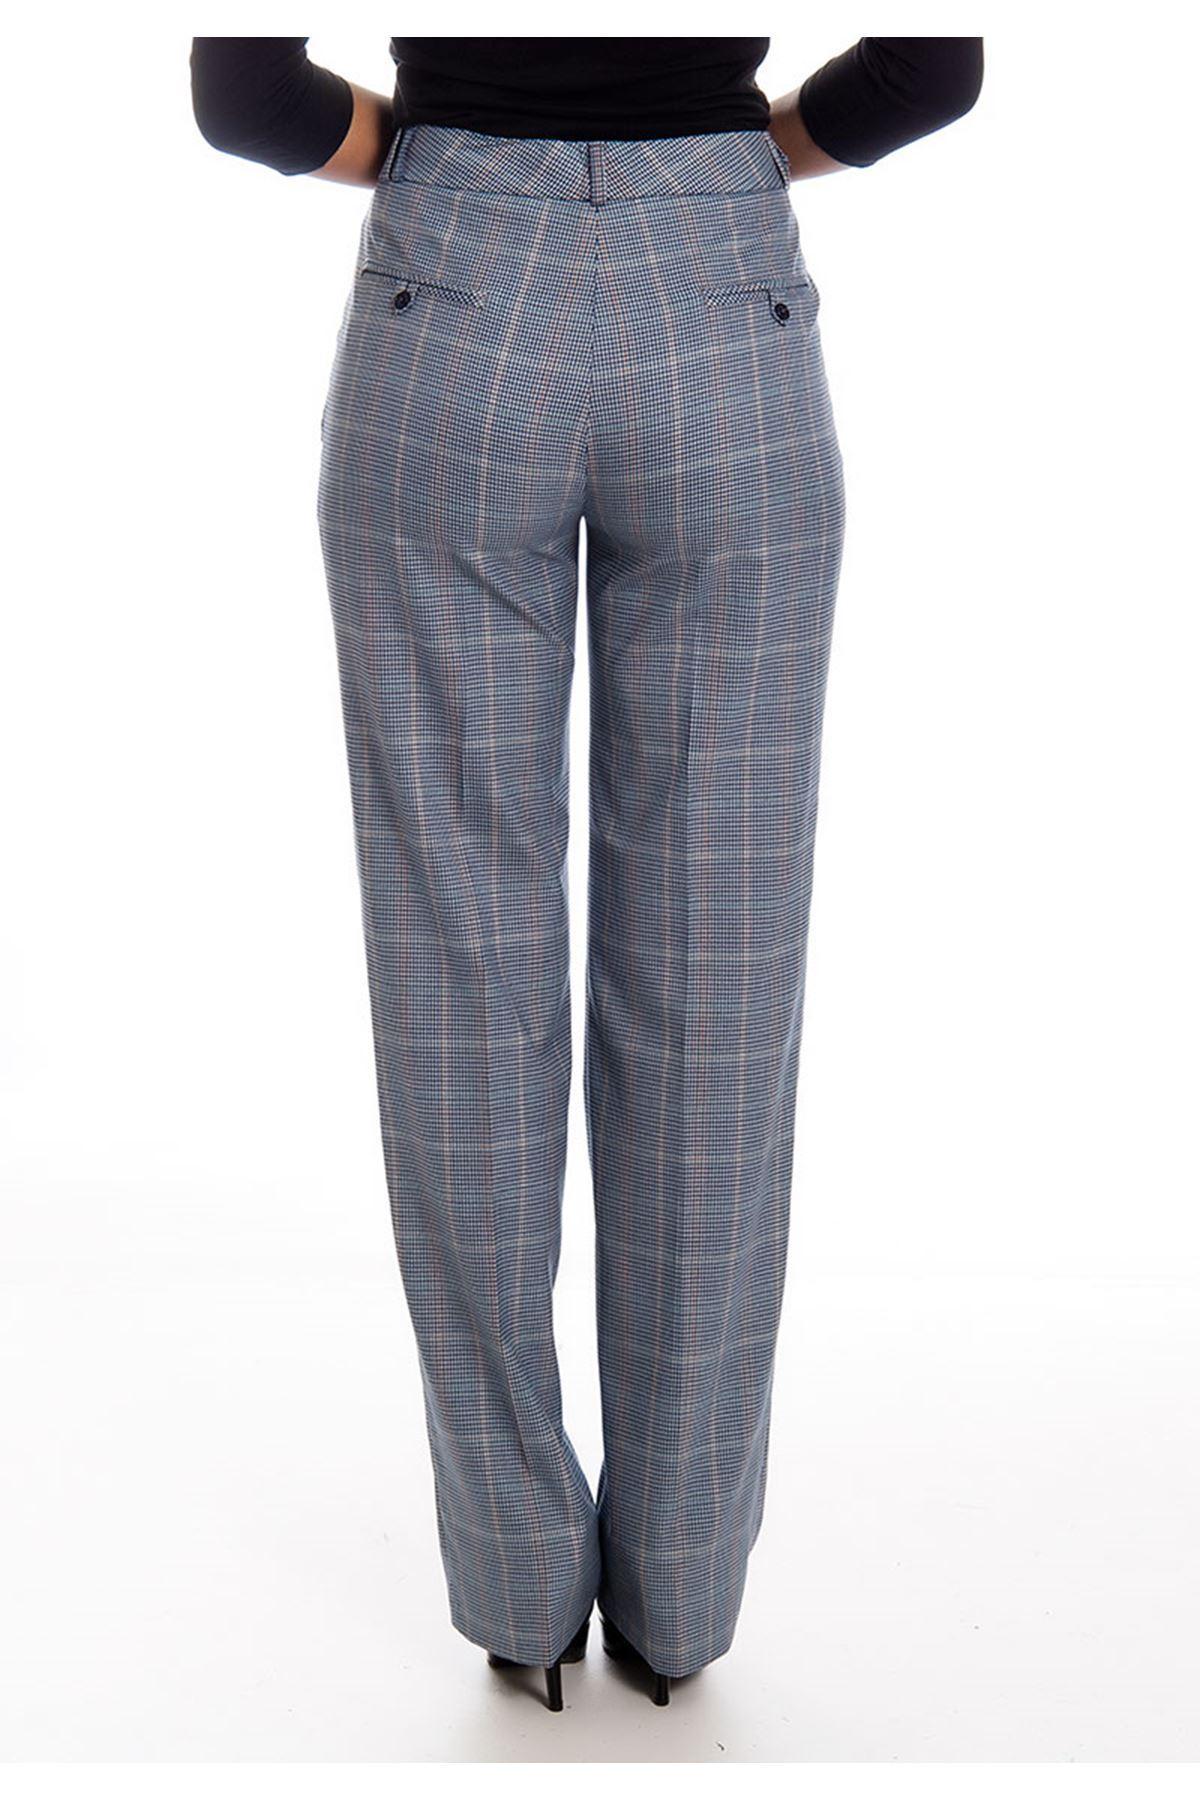 Pitikare Desenli Kadın Kumaş Pantolon G2-126160